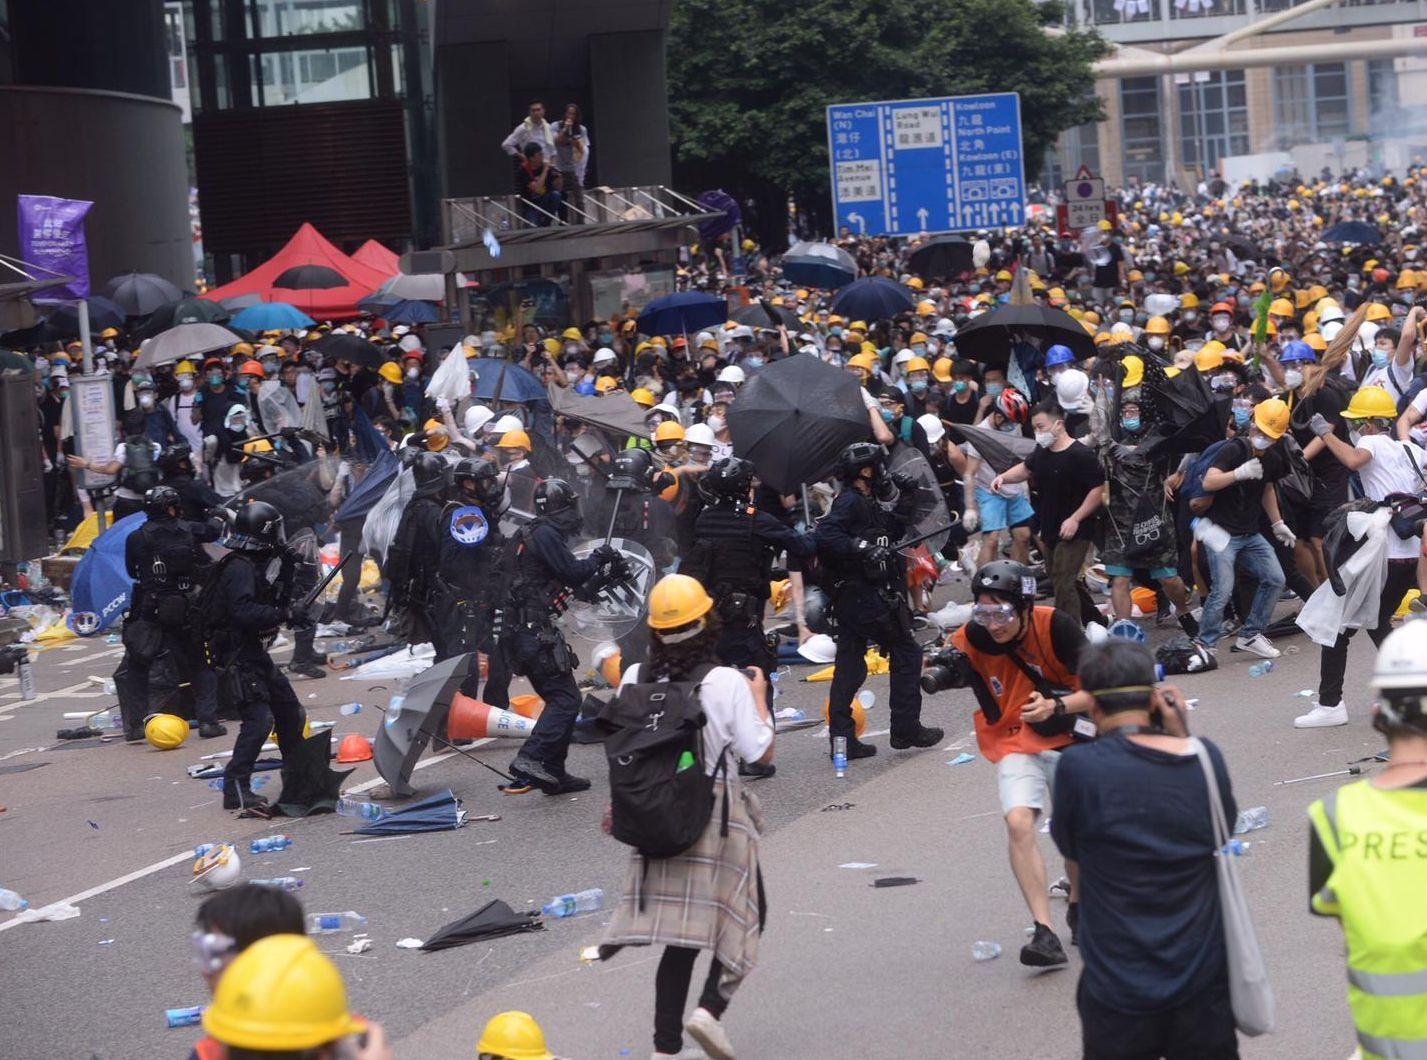 公民党促撤回对六一二事件定性为暴动的决定。资料图片